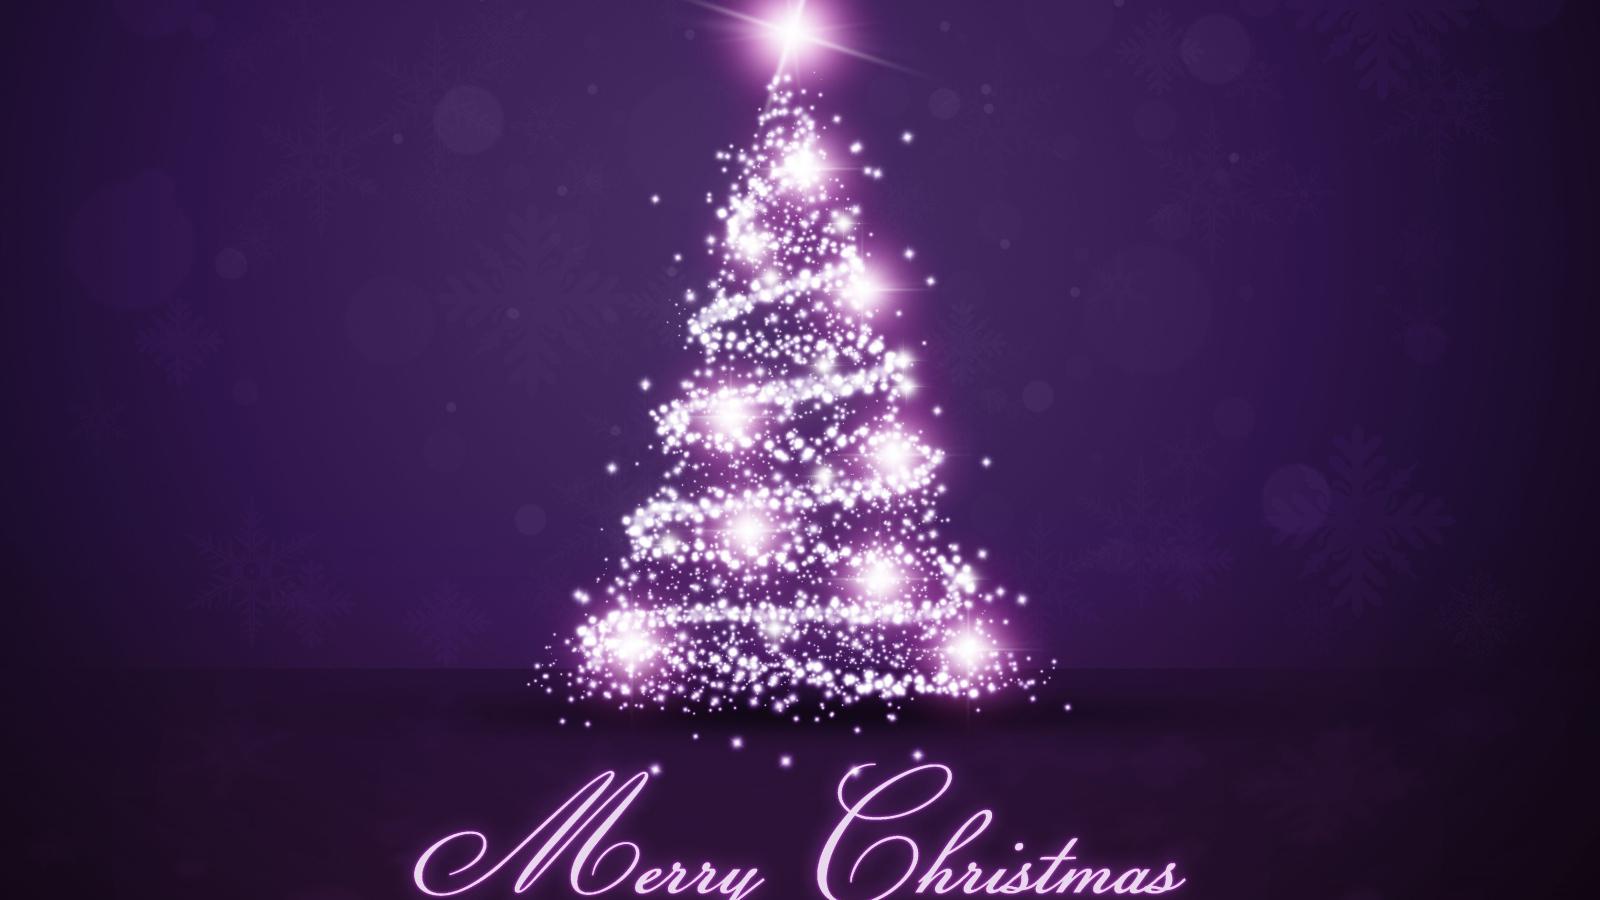 47 christmas wallpaper 1600x900 widescreen on - Purple christmas desktop wallpaper ...